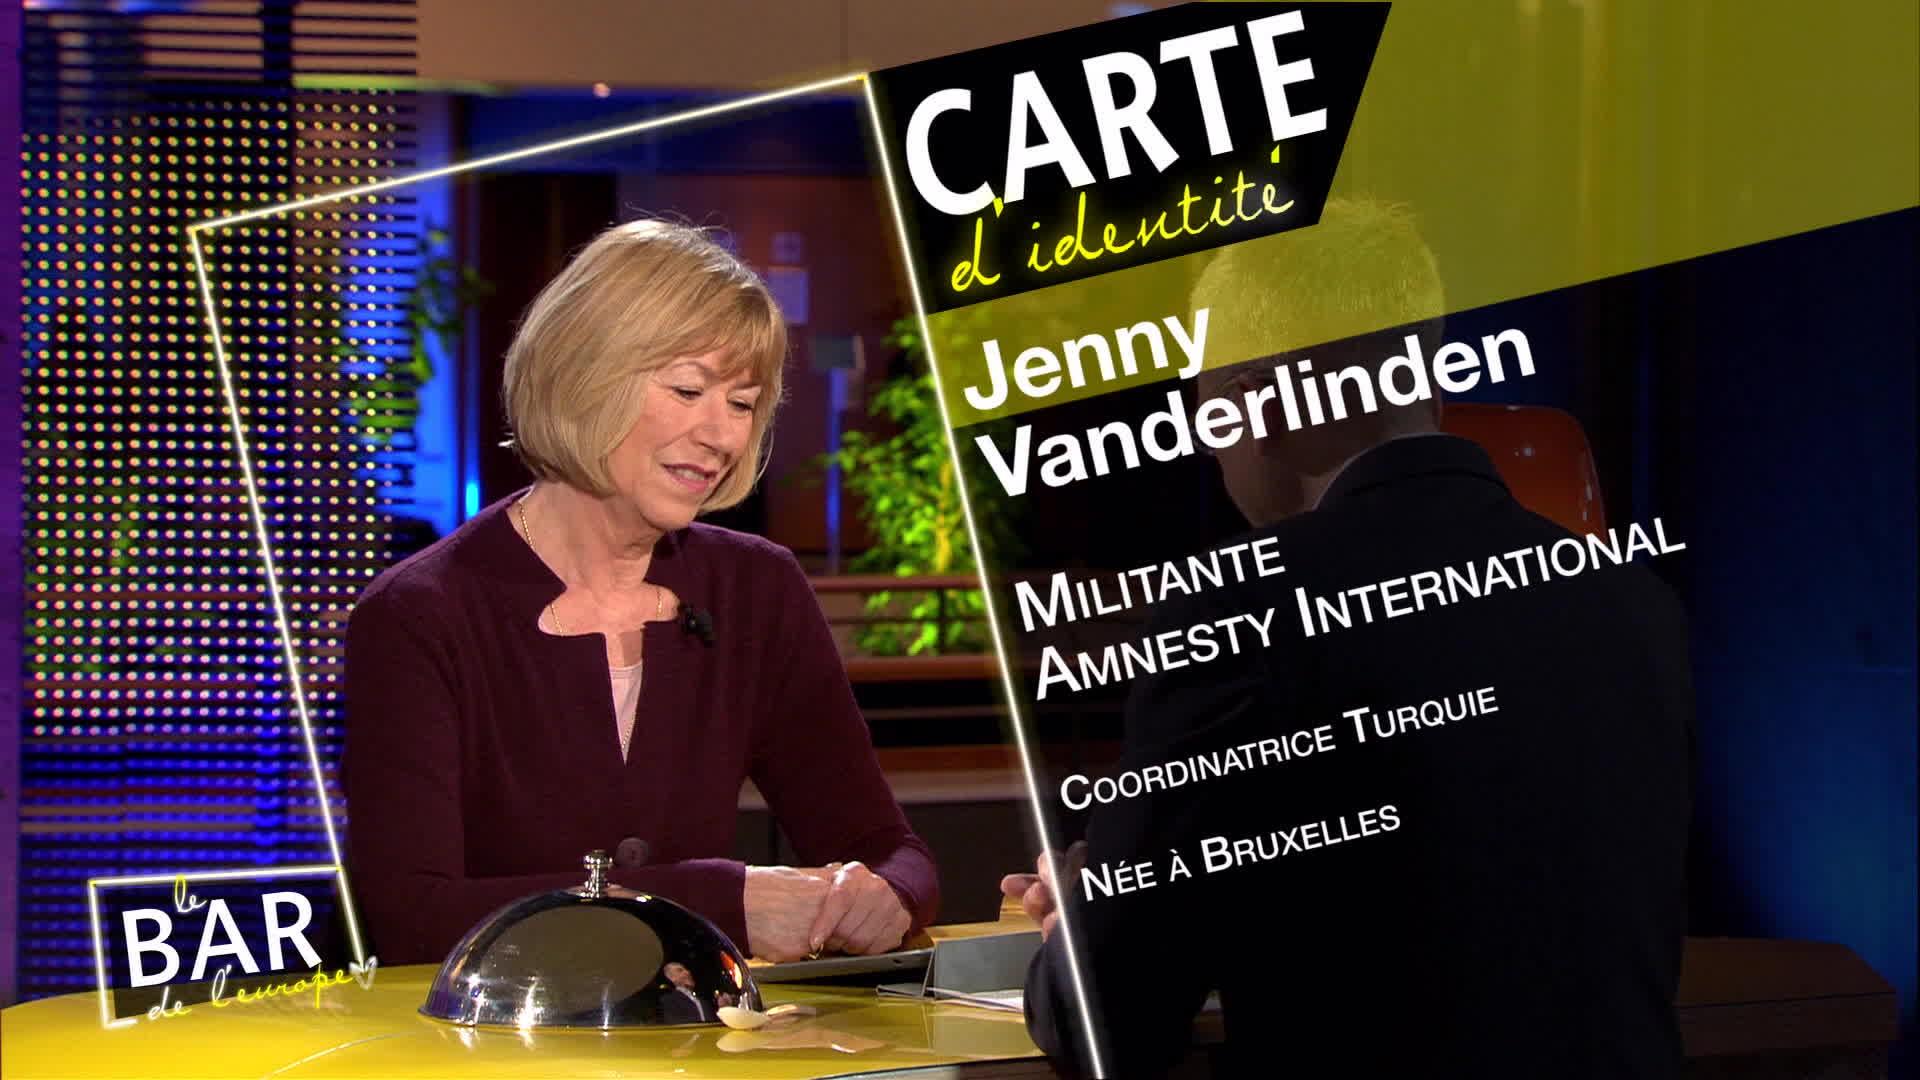 Jenny Vanderlinden